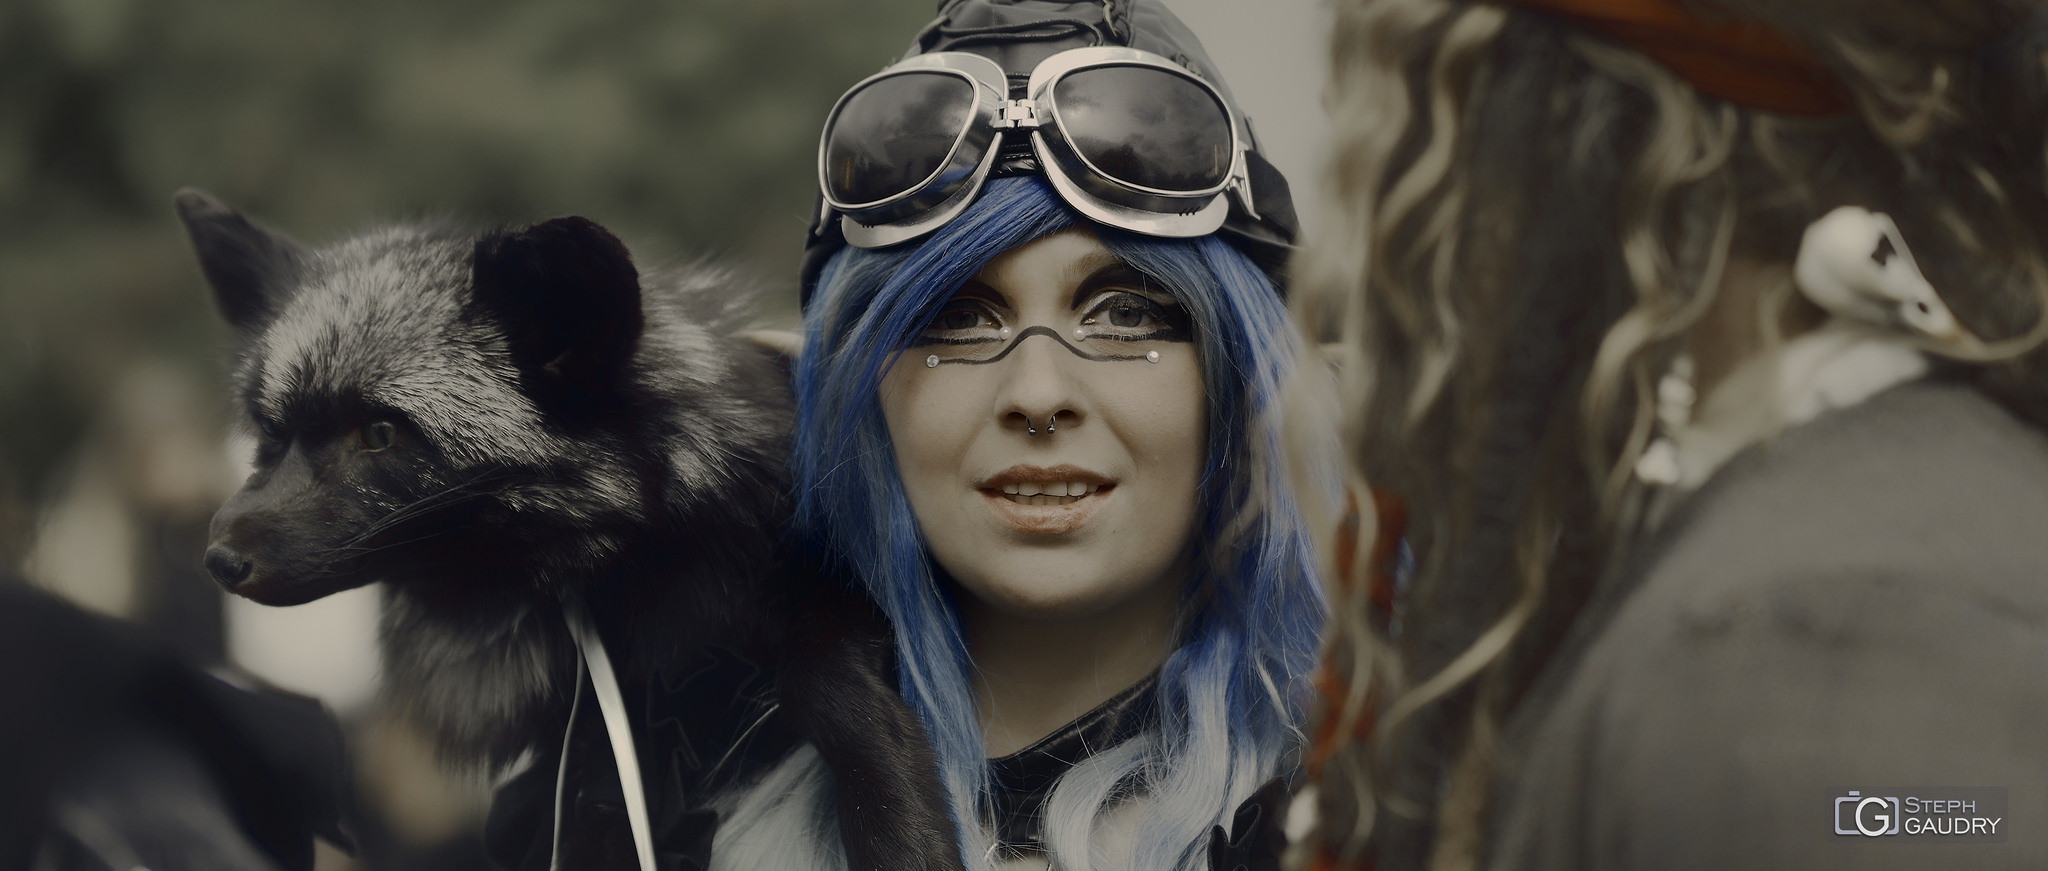 Maryline Robert cosplay [Click to start slideshow]